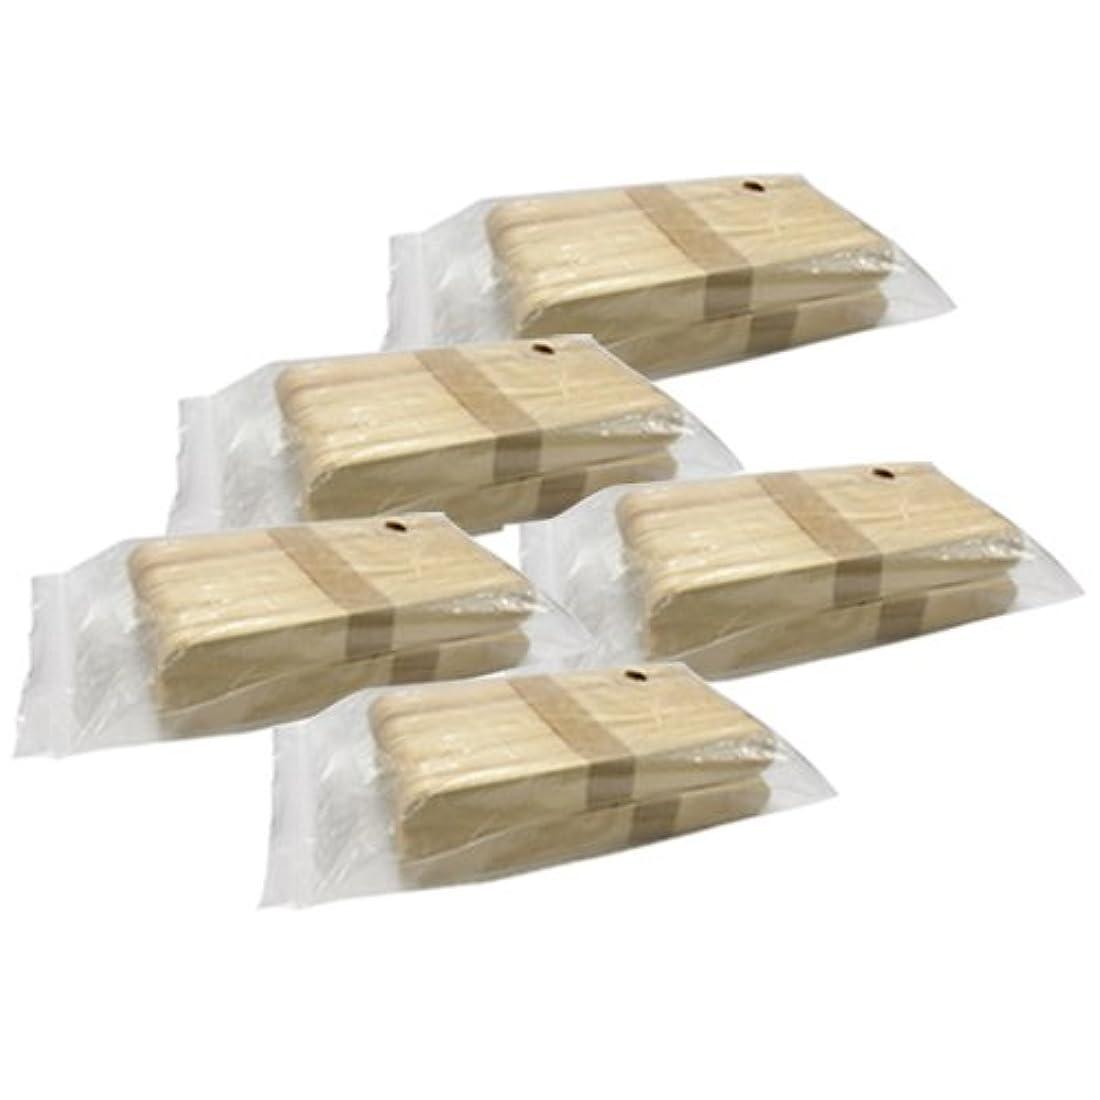 机経度ジョブ使い捨て【木ベラ/ウッドスパチュラ】(業務用100枚入り) × 5袋セット(計500枚)/WAX脱毛等や舌厚子にも …